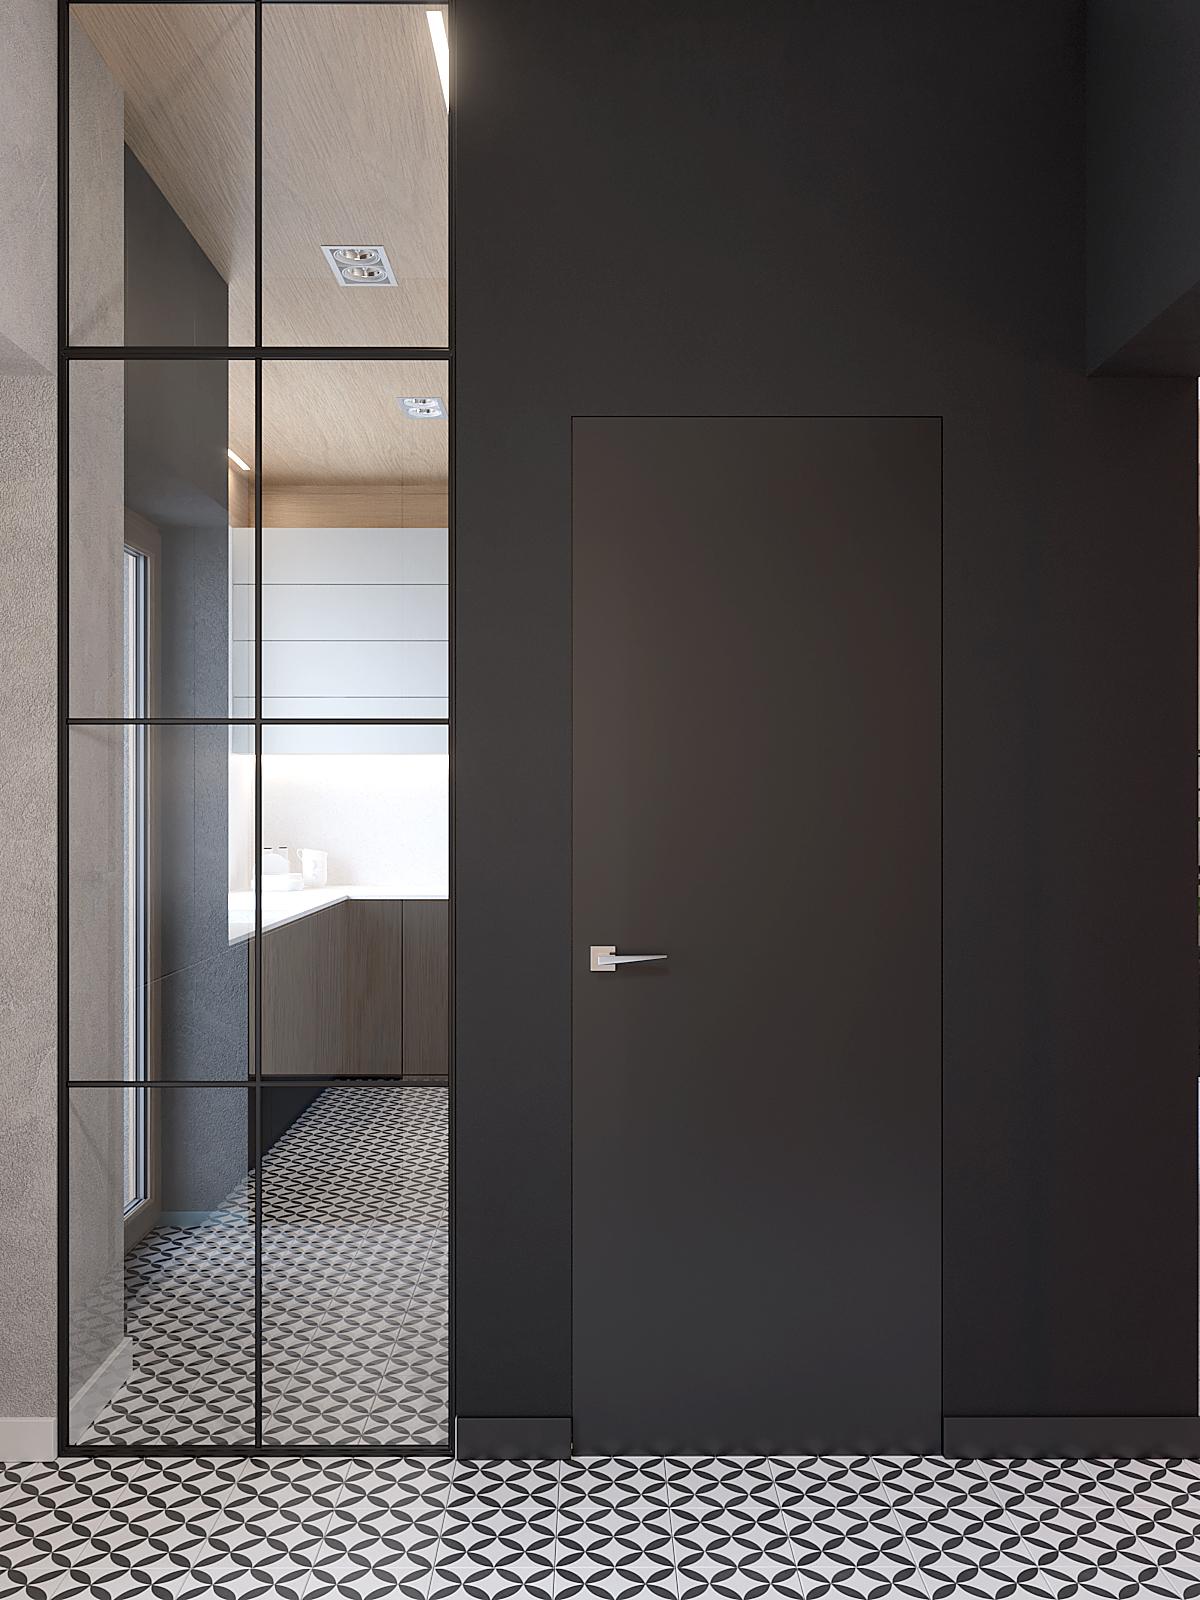 8 aranzacja wnetrz D395 dom Tychy hol grafitowa sciana ukryte drzwi loftowe przeszklenie plytki z wzorem